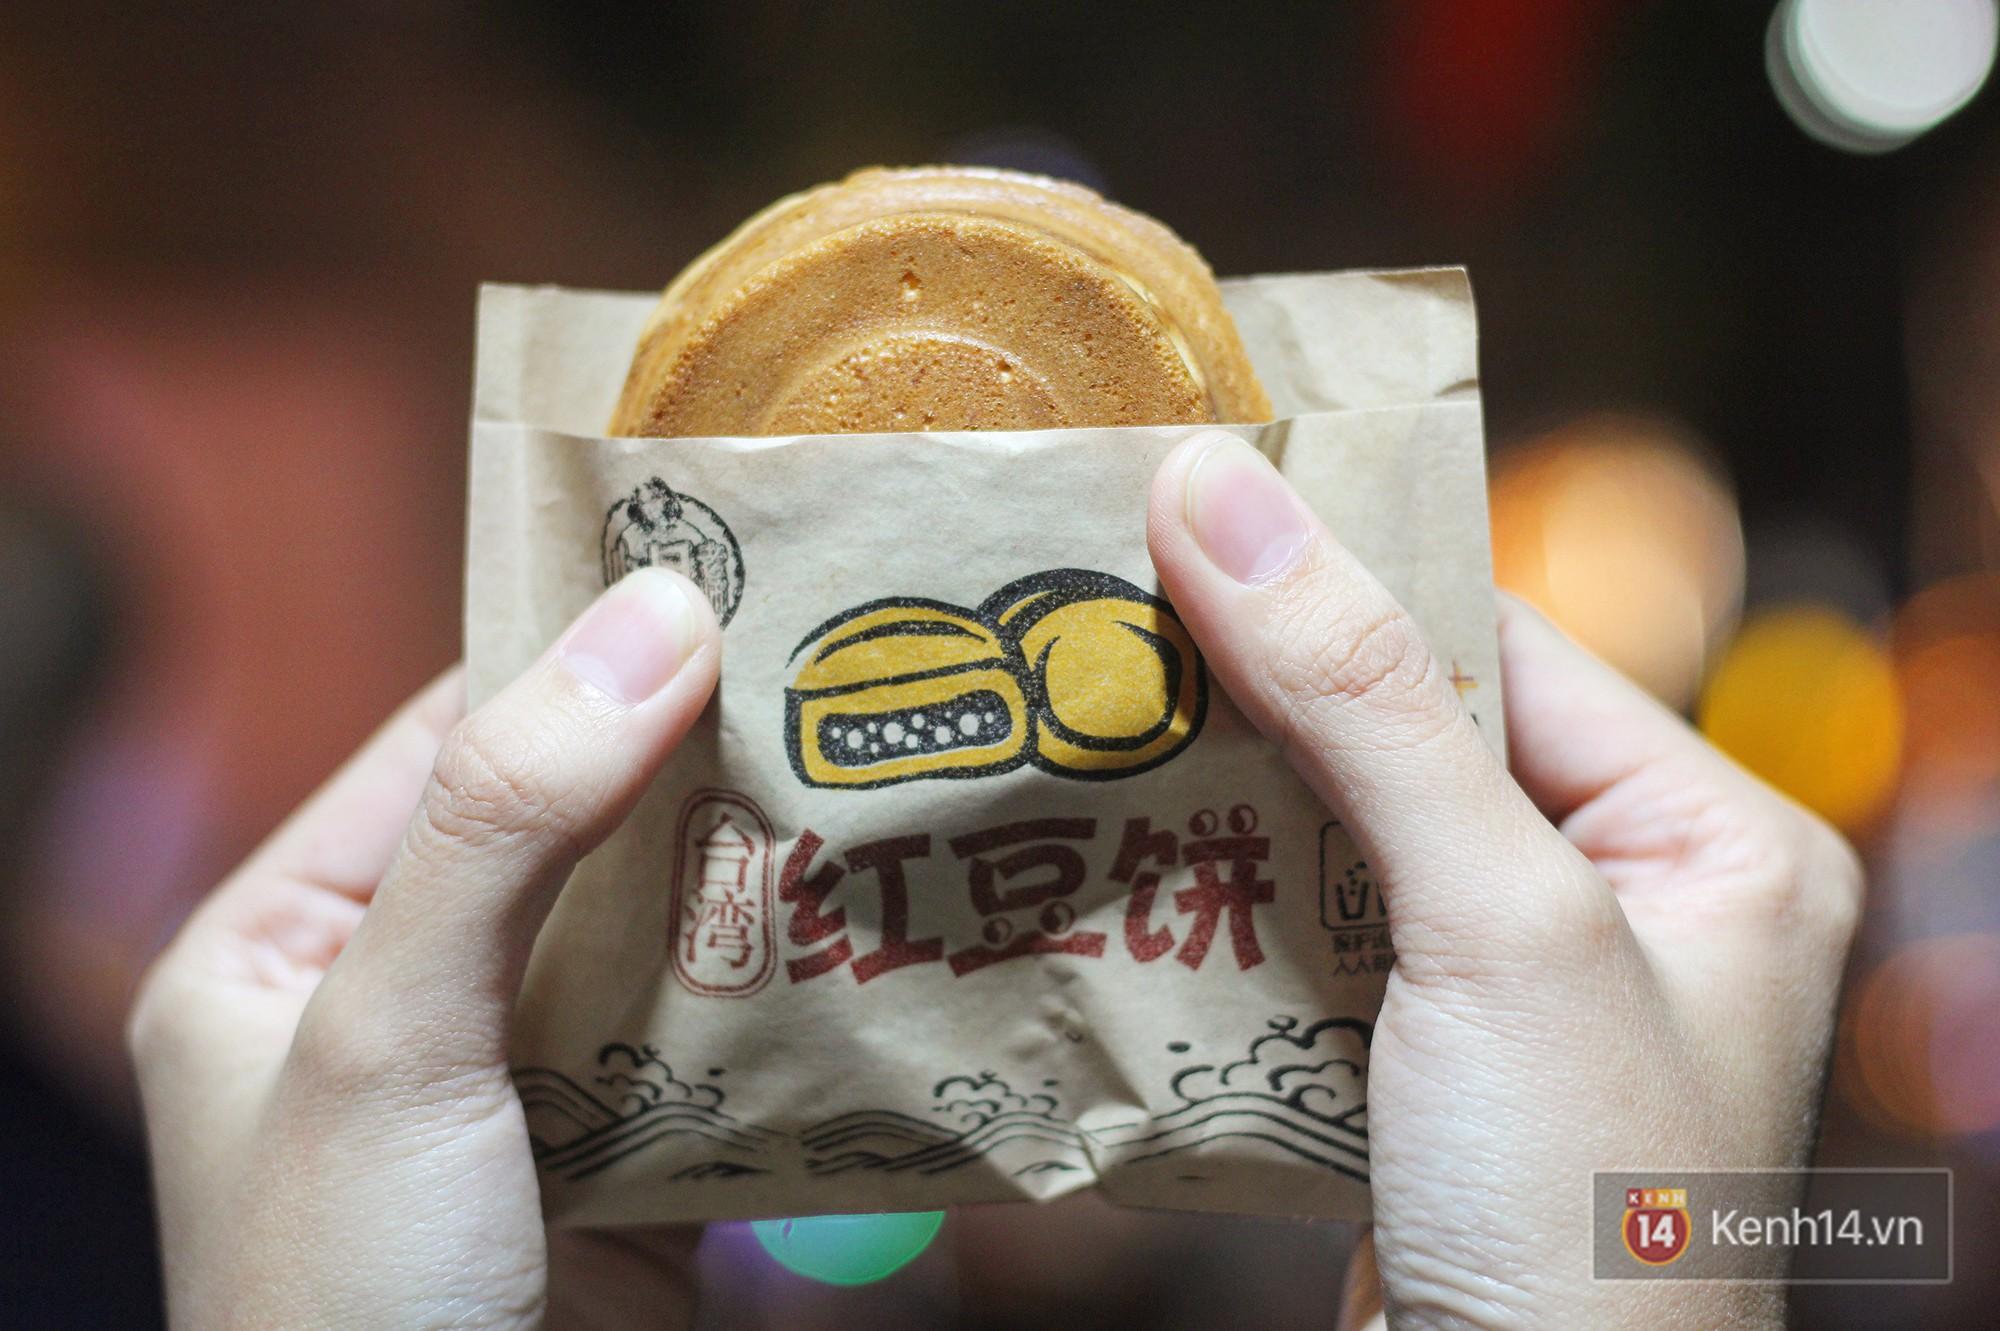 Người Đài Loan chia sẻ: phố đi bộ Hà Nội có bán món quà vặt quốc dân của Đài Loan ăn giống đến 95% - Ảnh 6.